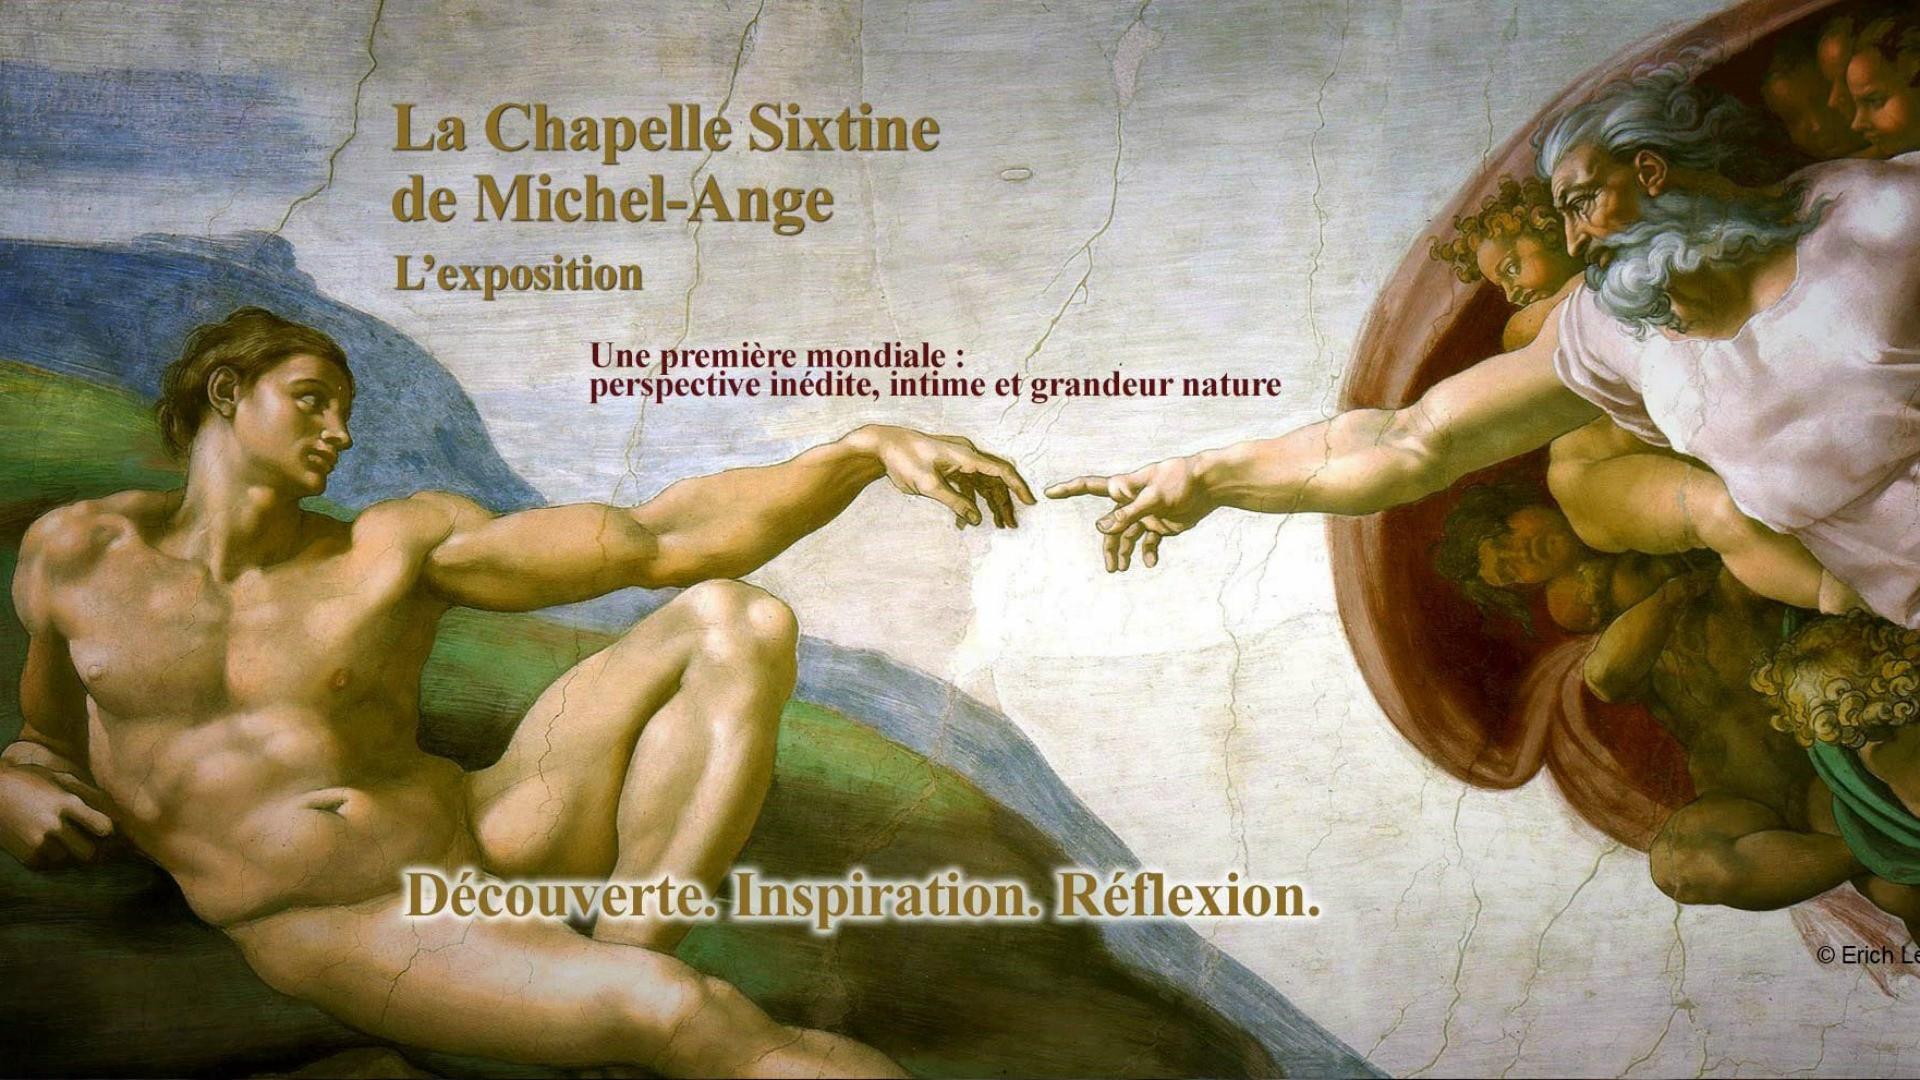 Buonarotti Michel Cath Archives Ange ch RxwBfqZx